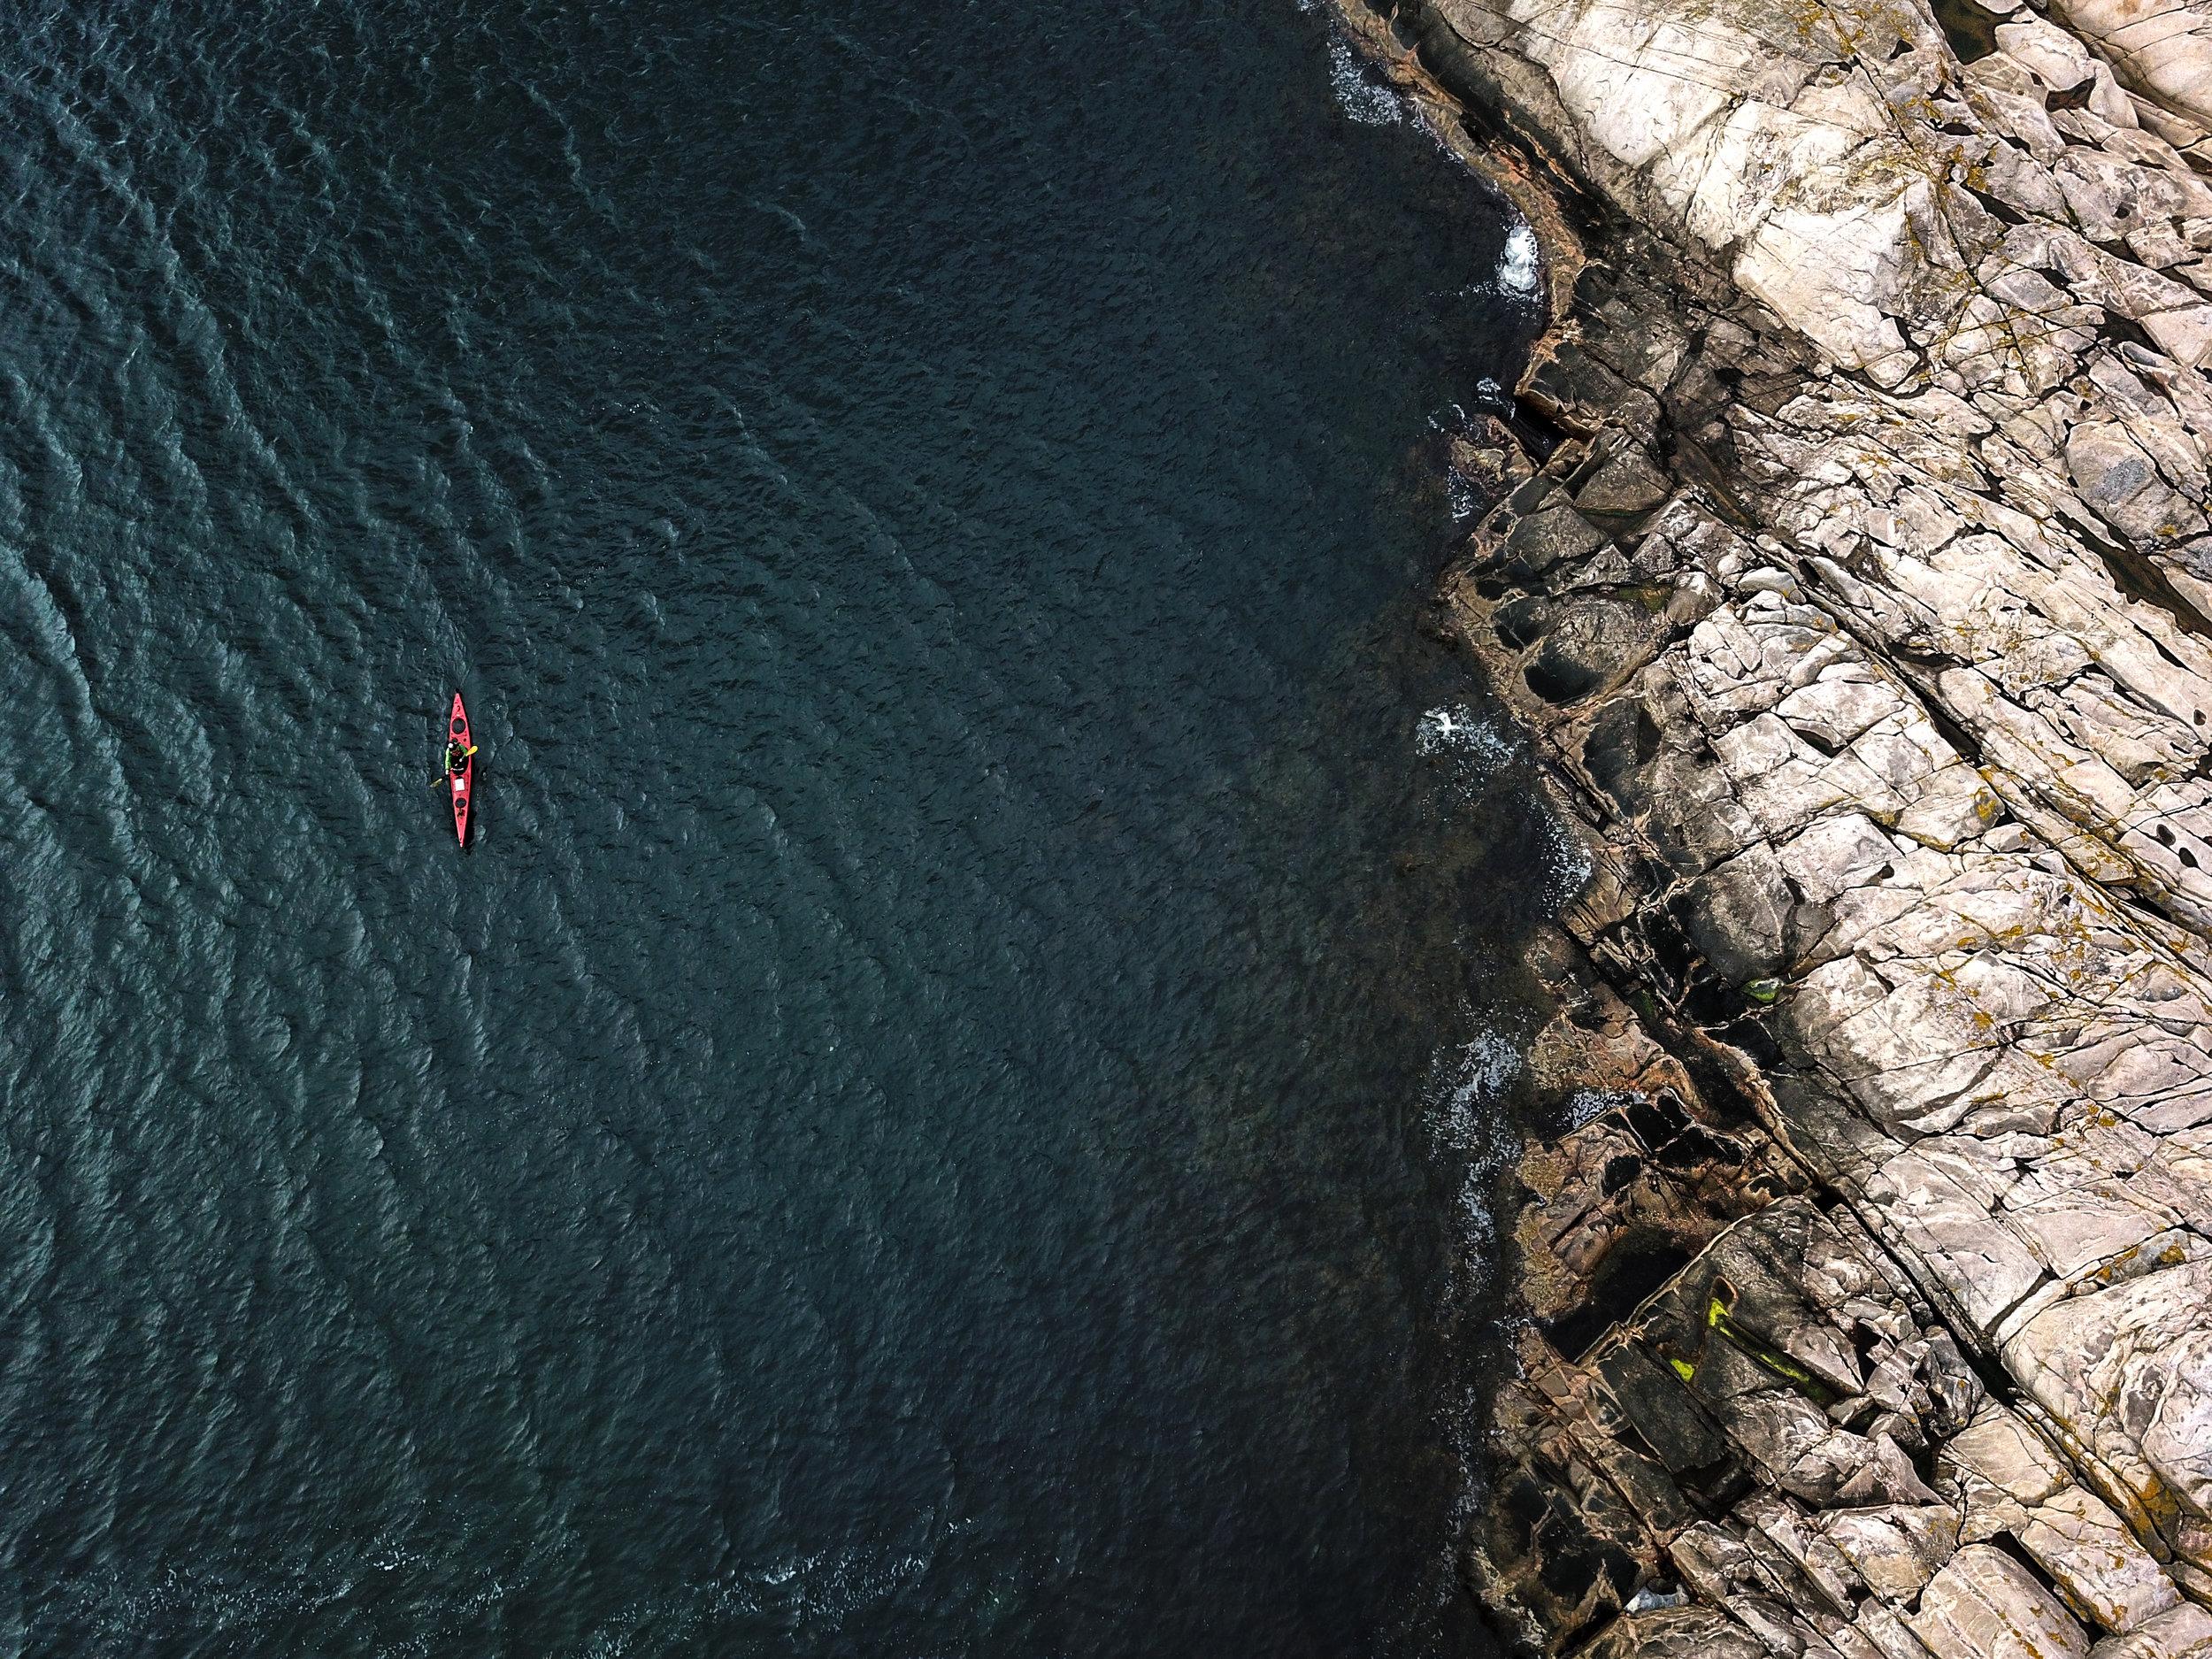 kayak-0253.jpg